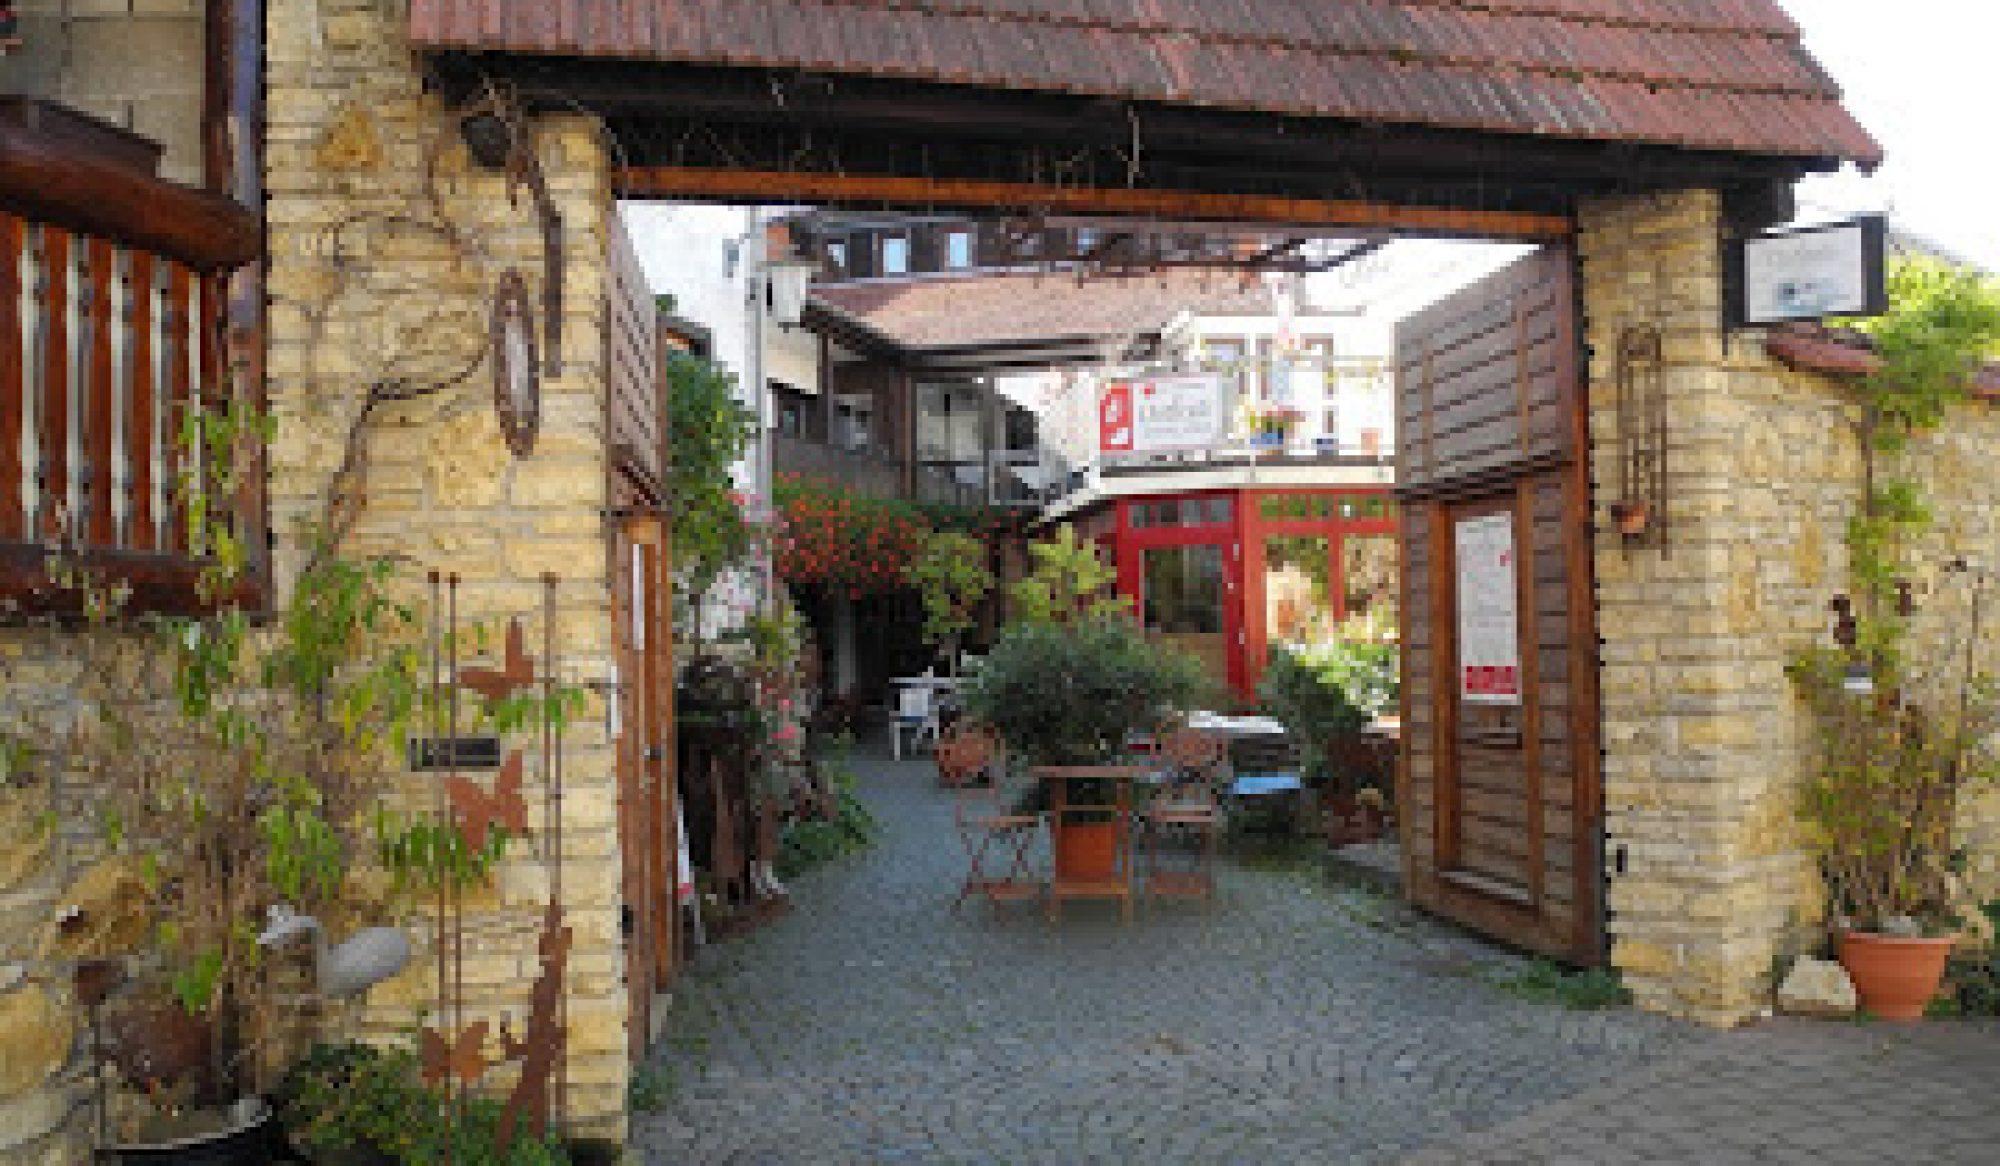 Triquart Antikladen & Dorfcafe